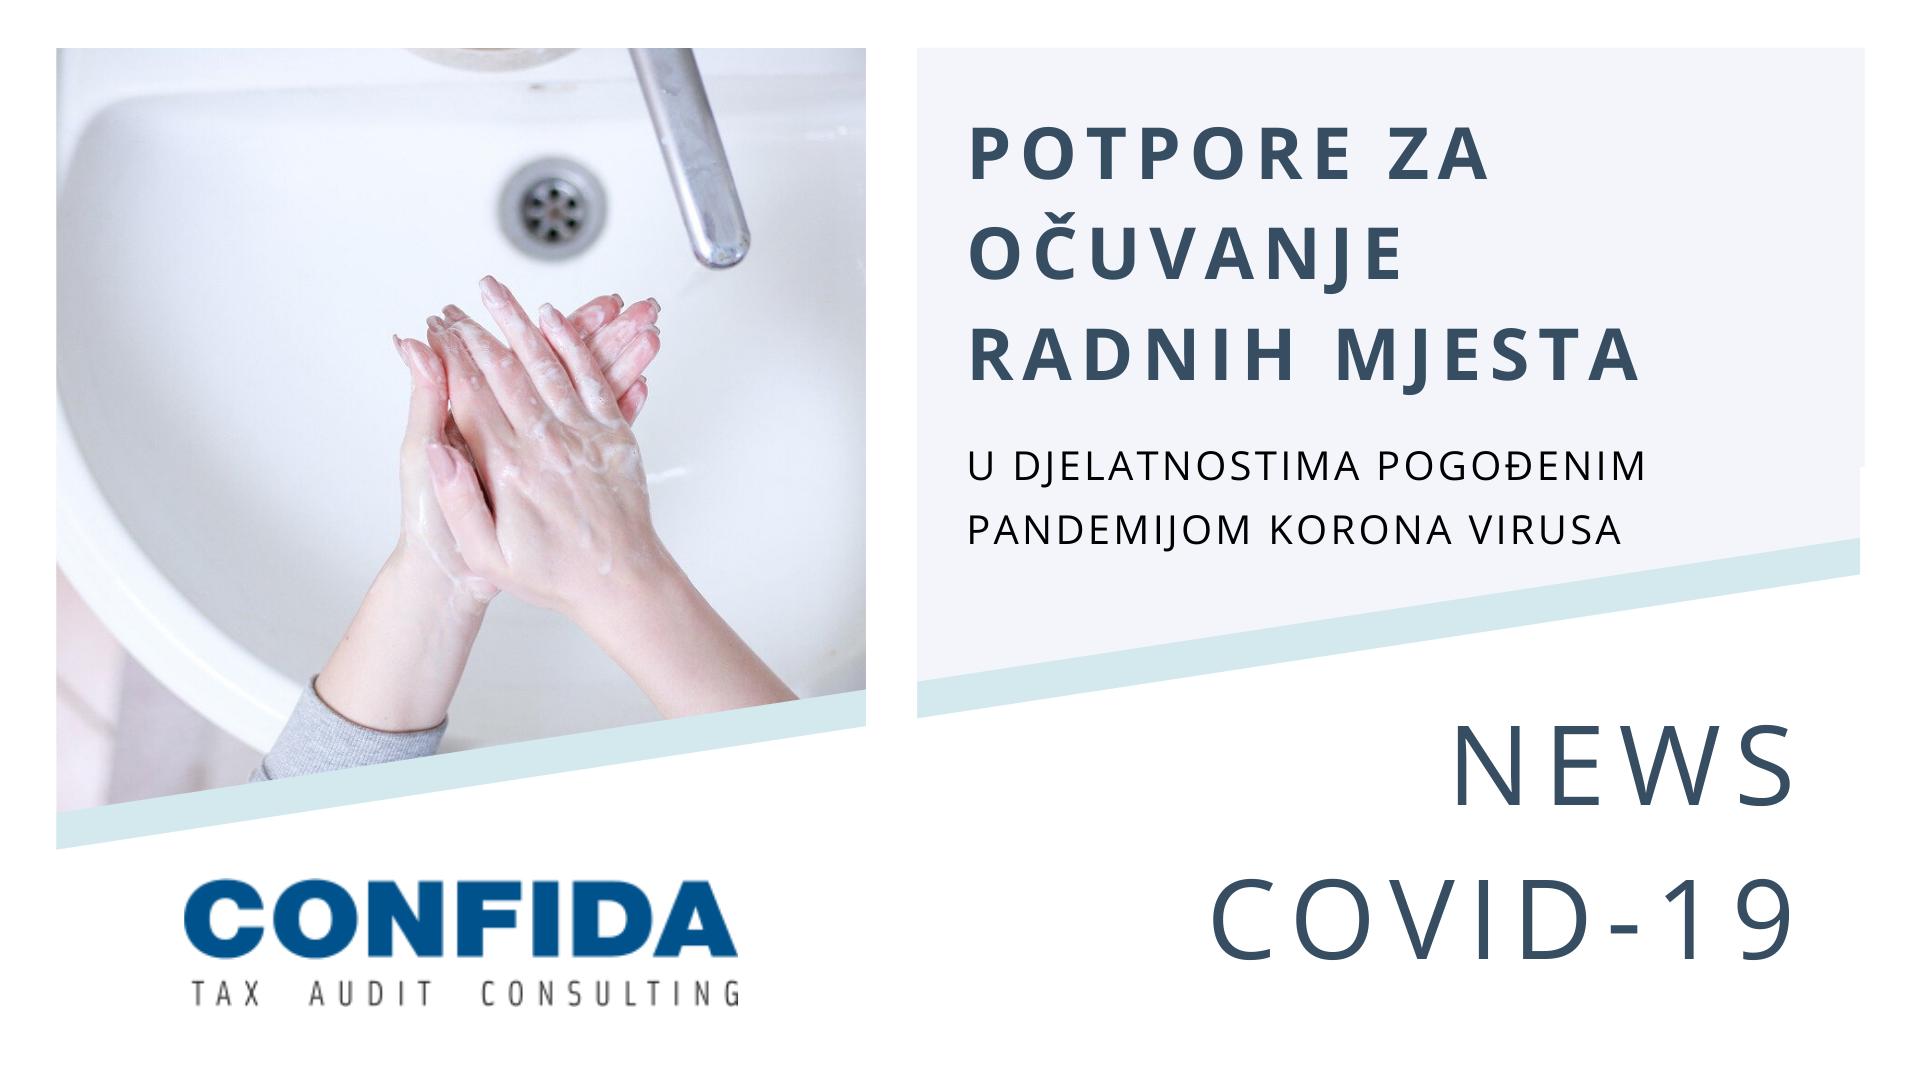 COVID 19: Potpore za očuvanje radnih mjesta u djelatnostima pogođenima epidemijom Koronavirusa